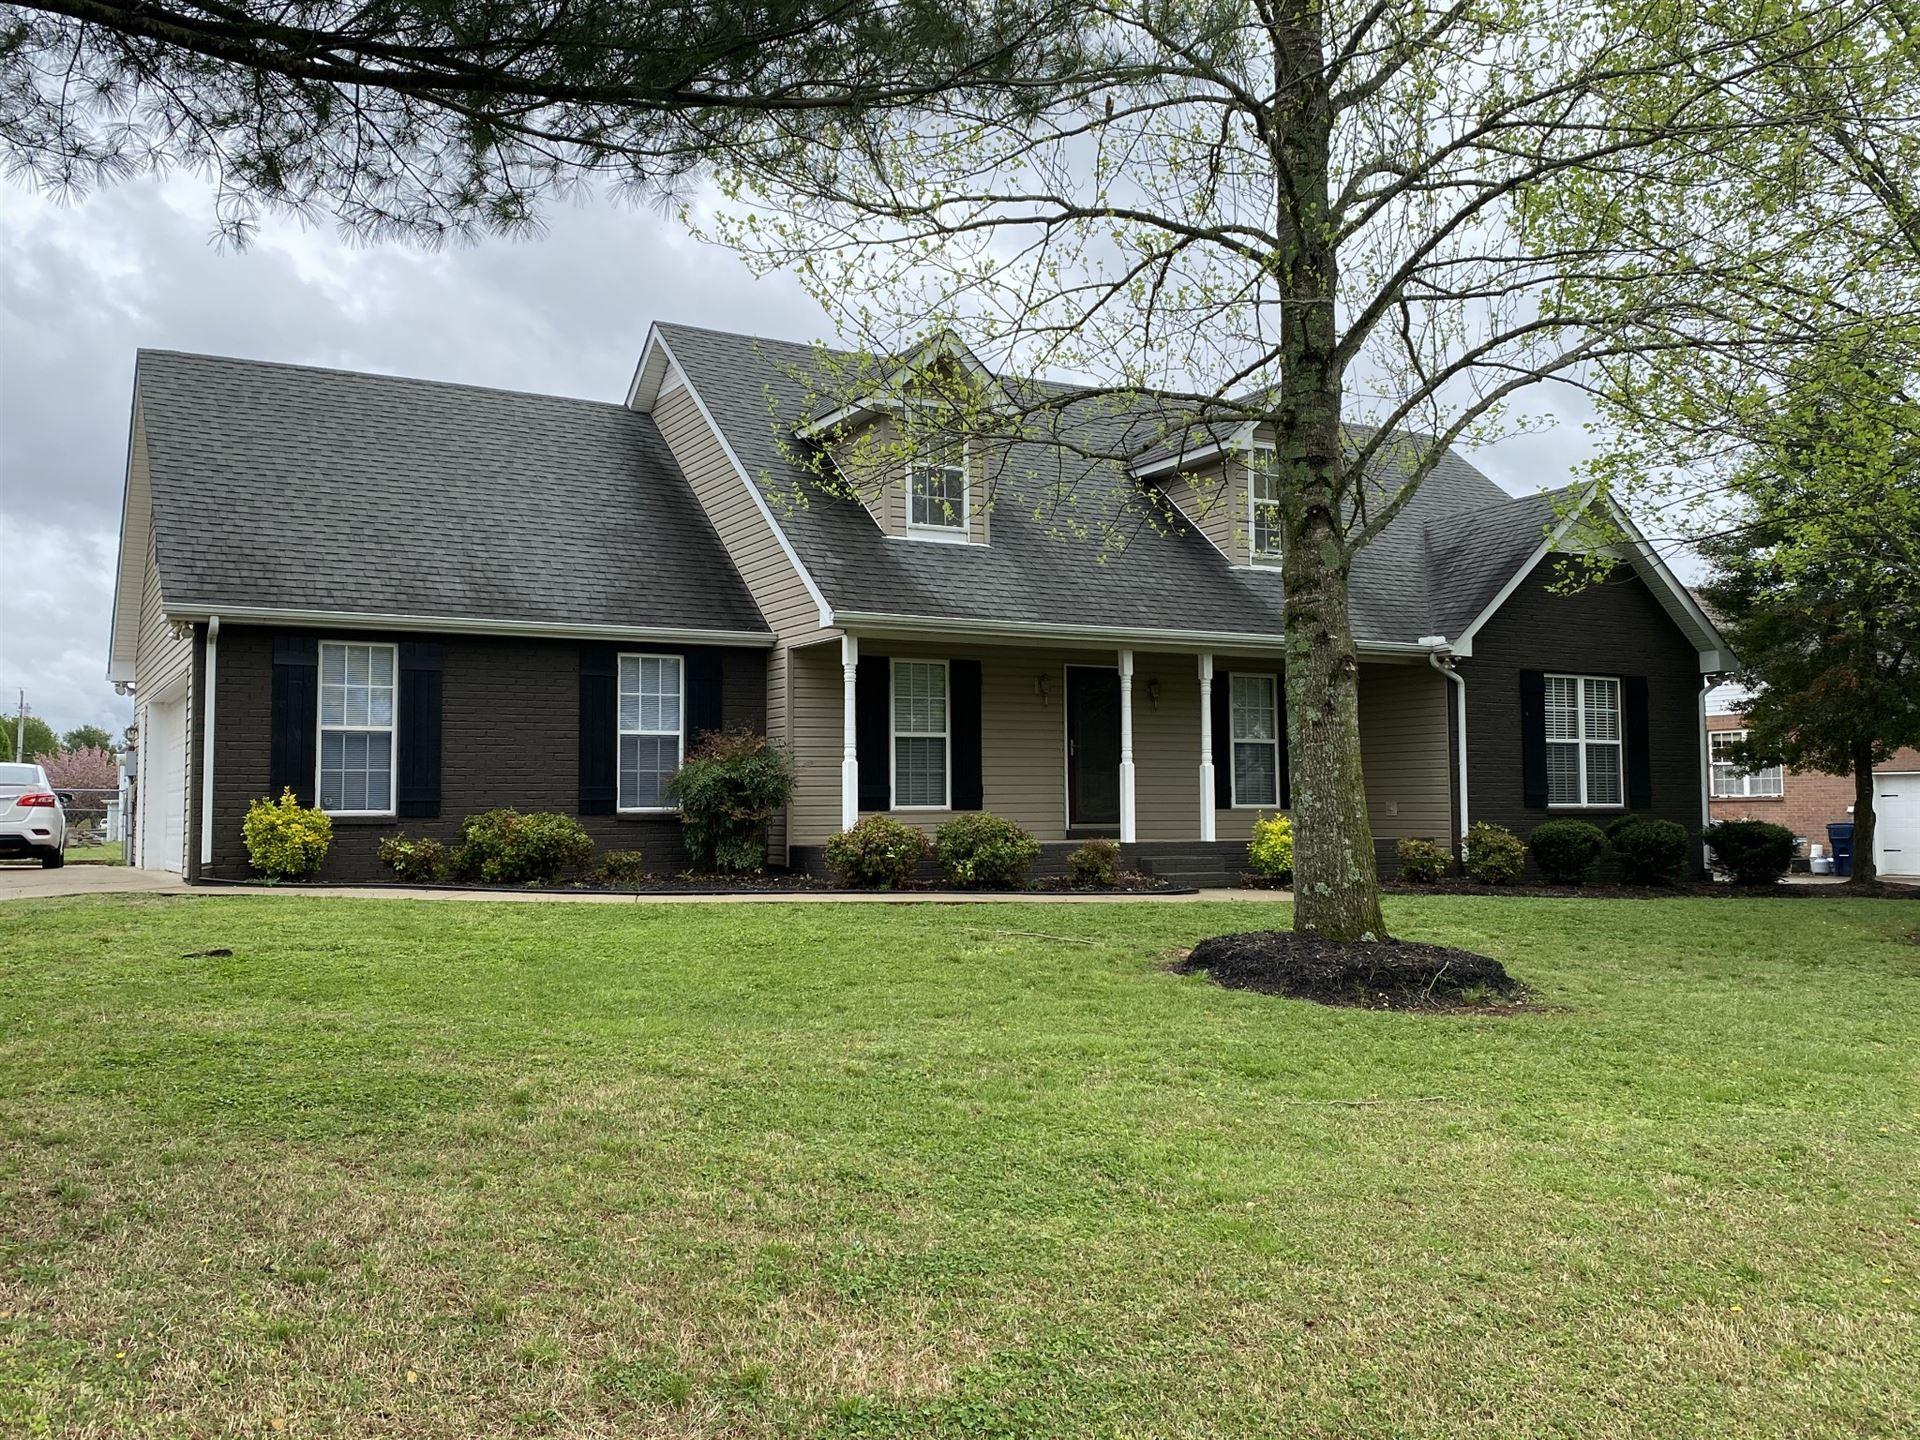 Photo of 3225 Vestry Ave, Murfreesboro, TN 37129 (MLS # 2244236)